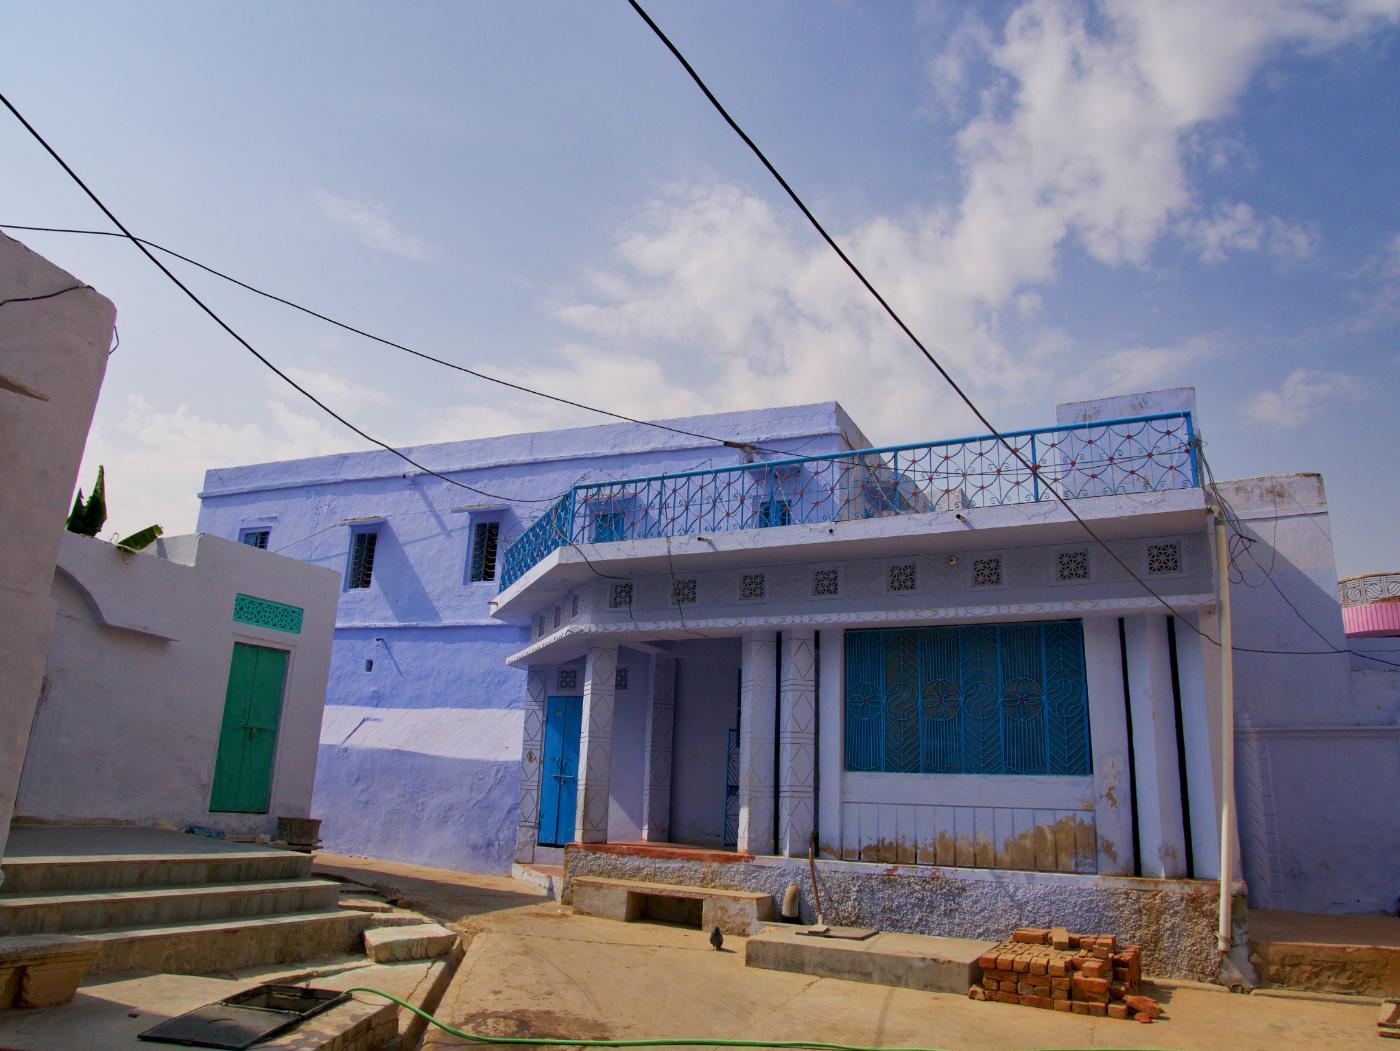 248-India-Khandela